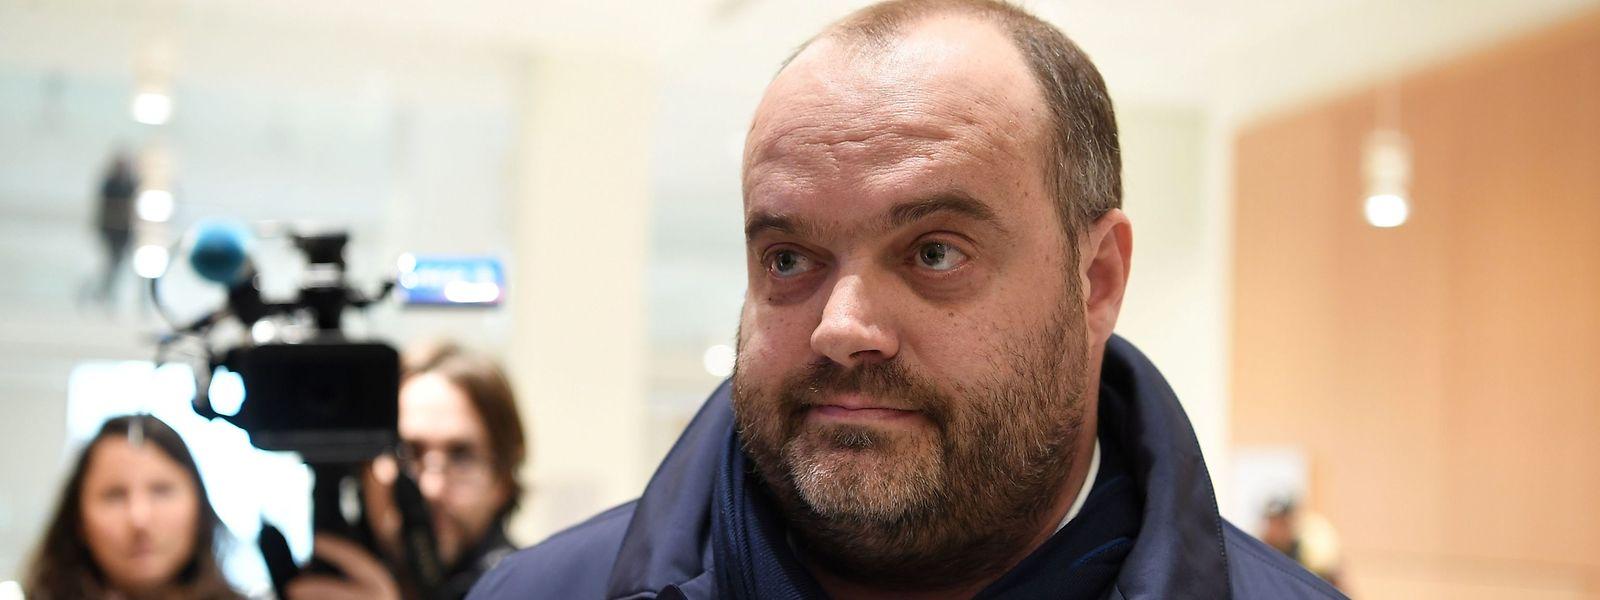 L'ancien directeur général de Spanghero, Jacques Poujol, a été condamné à 2 ans de prison, dont dix-huit mois avec sursis pour tromperies sur l'origine et l'espèce de la viande.